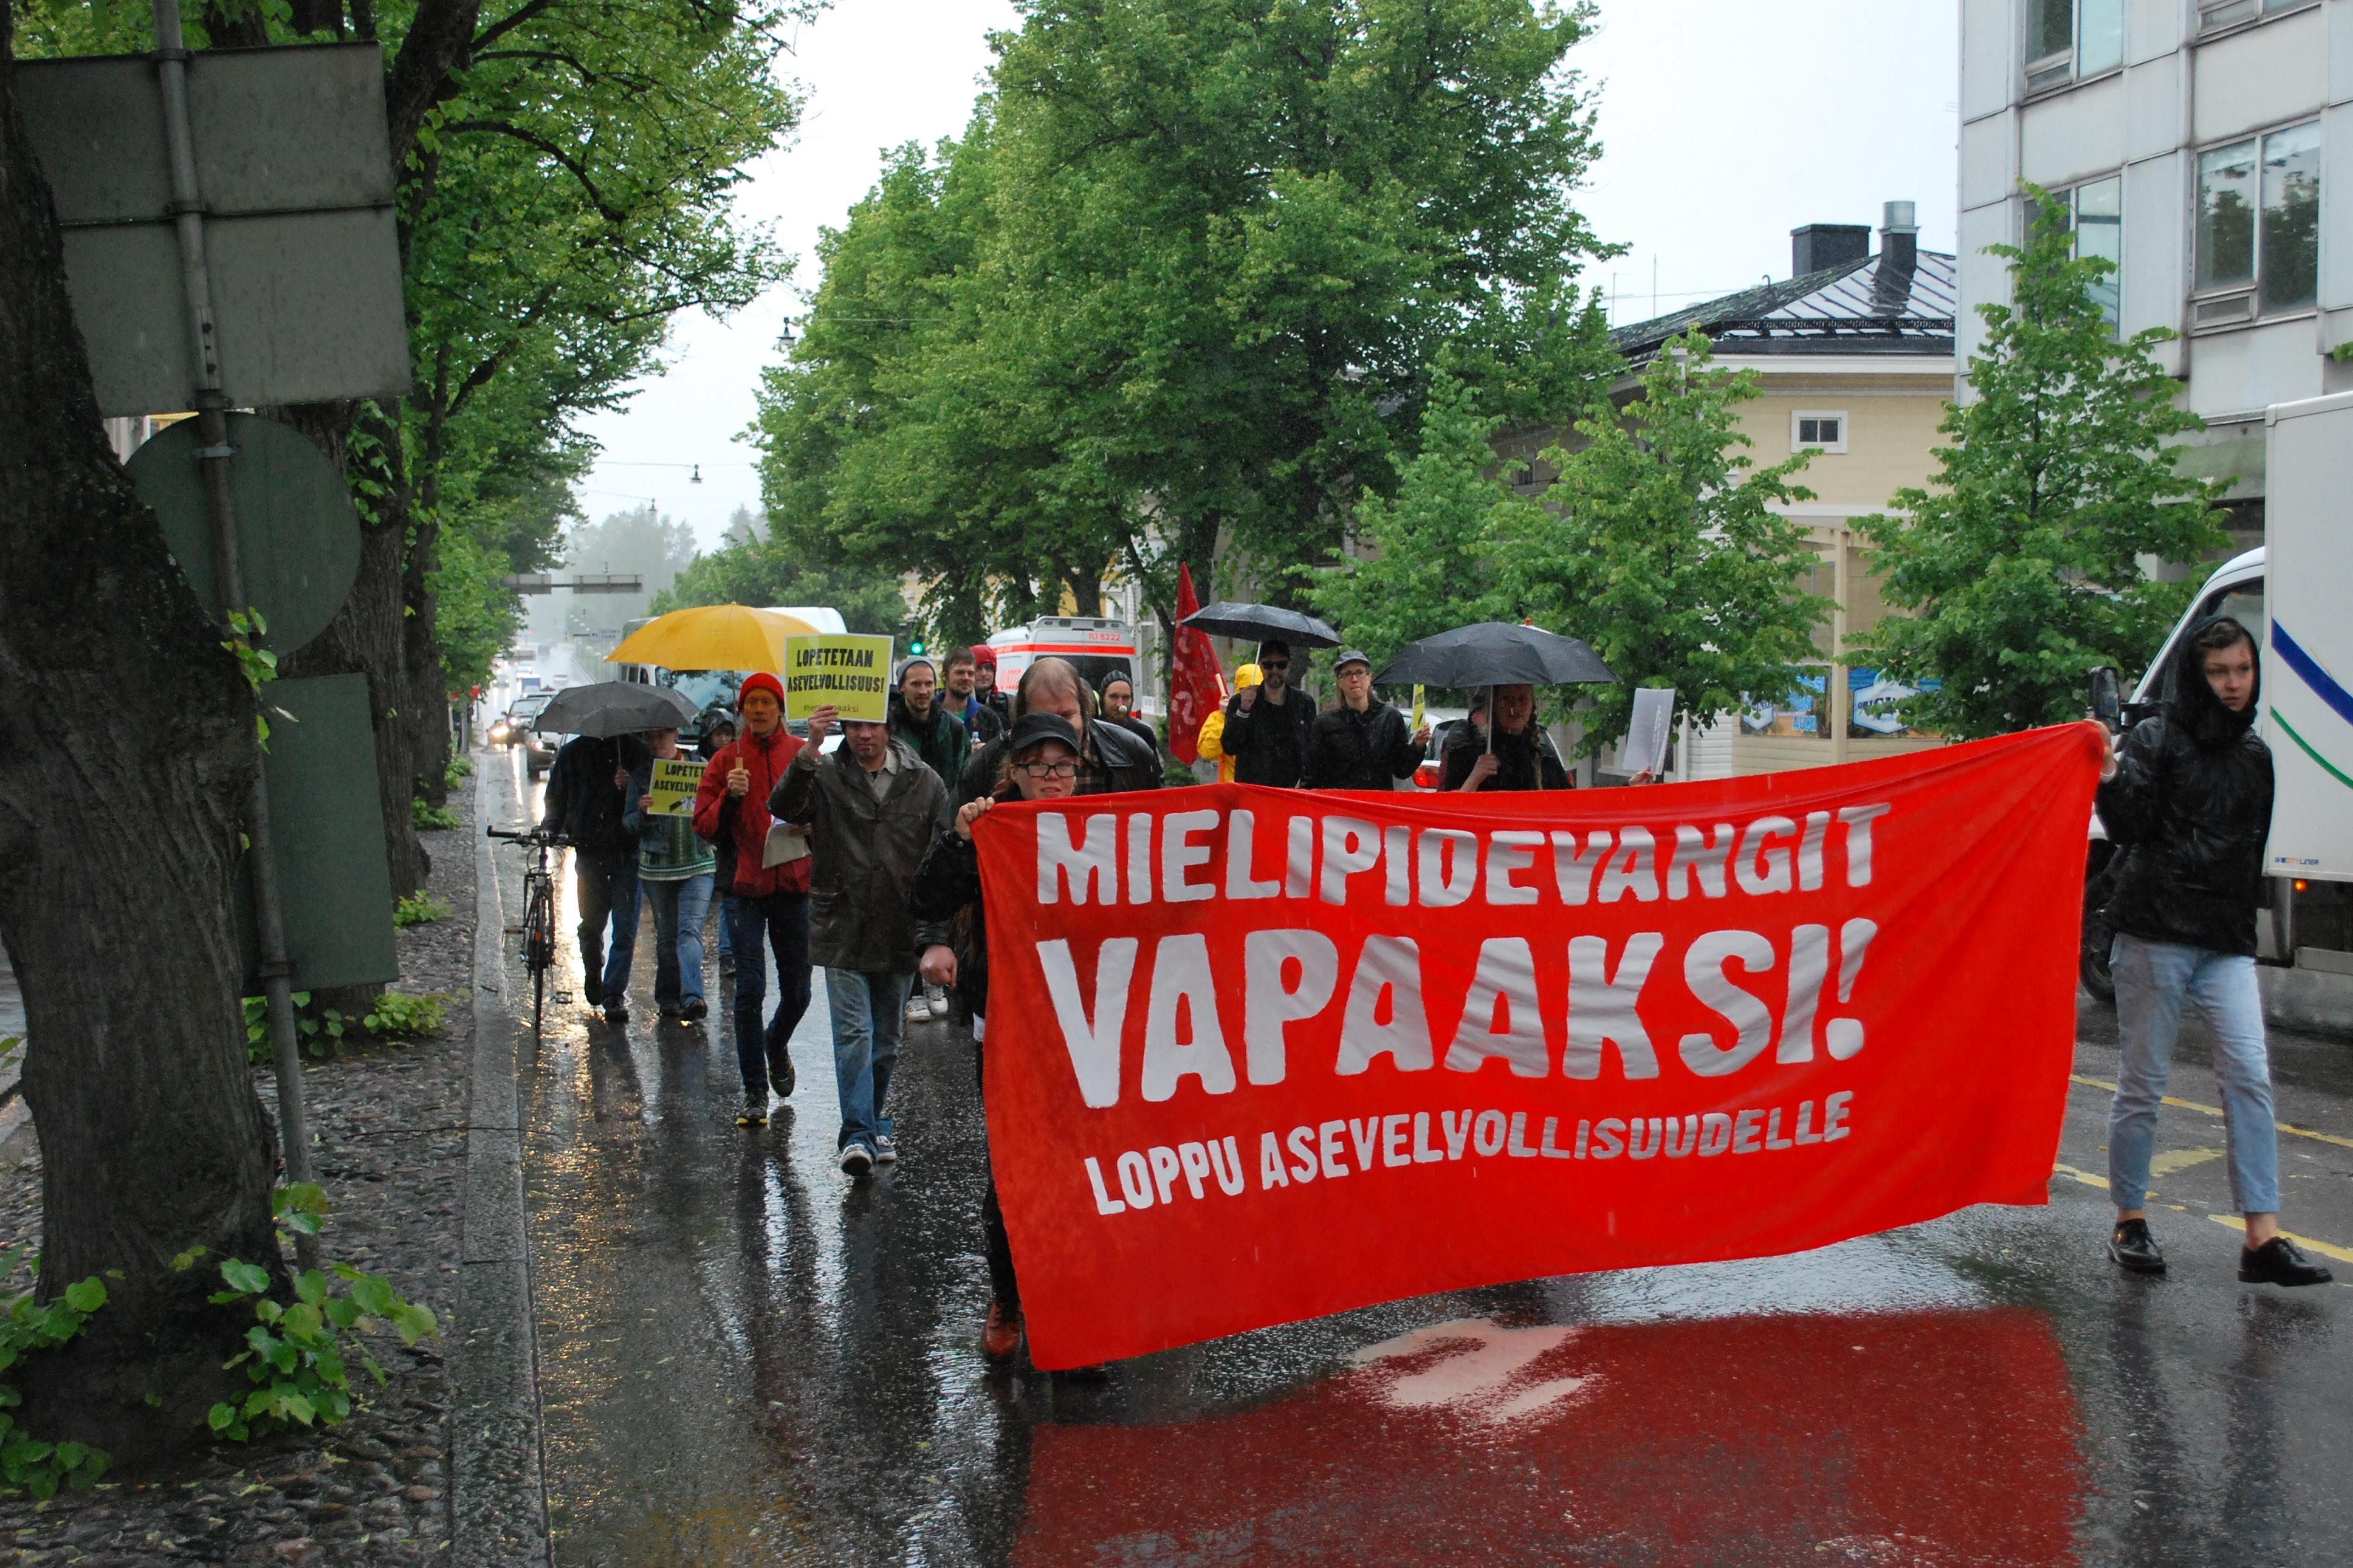 Mielenosoitus etenee kohti Porvoon oikeustaloa